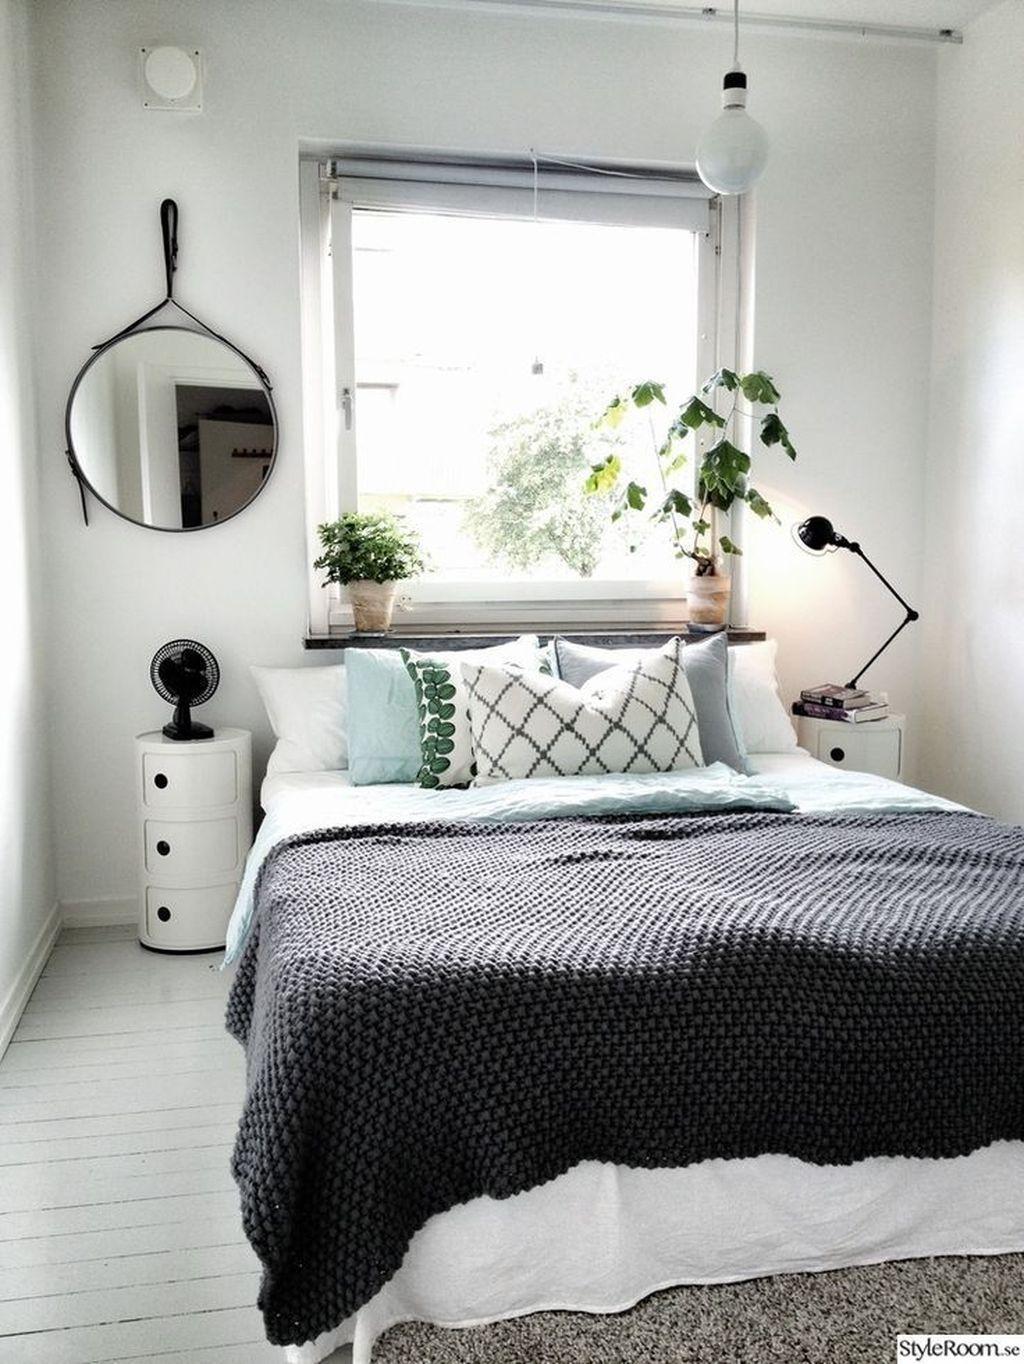 45 Inspiring Plants Ideas In Bedroom Decor Small Bedroom Decor Cozy Small Bedrooms Bedroom Interior